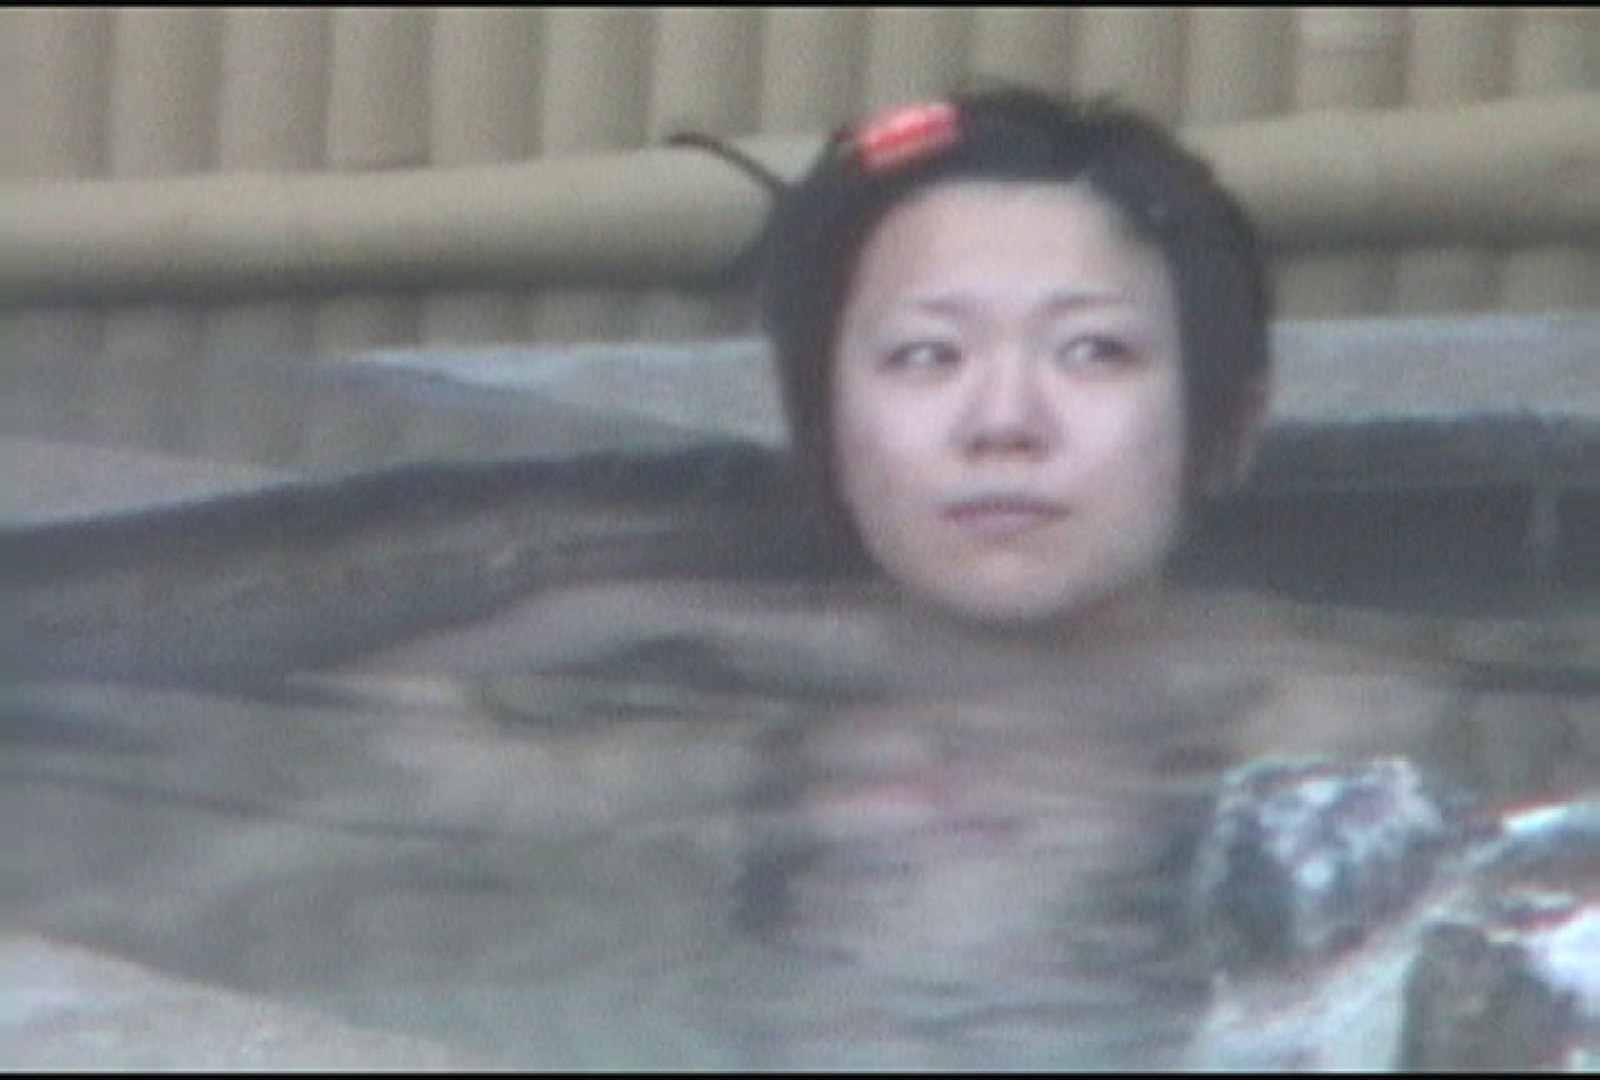 Aquaな露天風呂Vol.175 OLのエロ生活  71連発 30